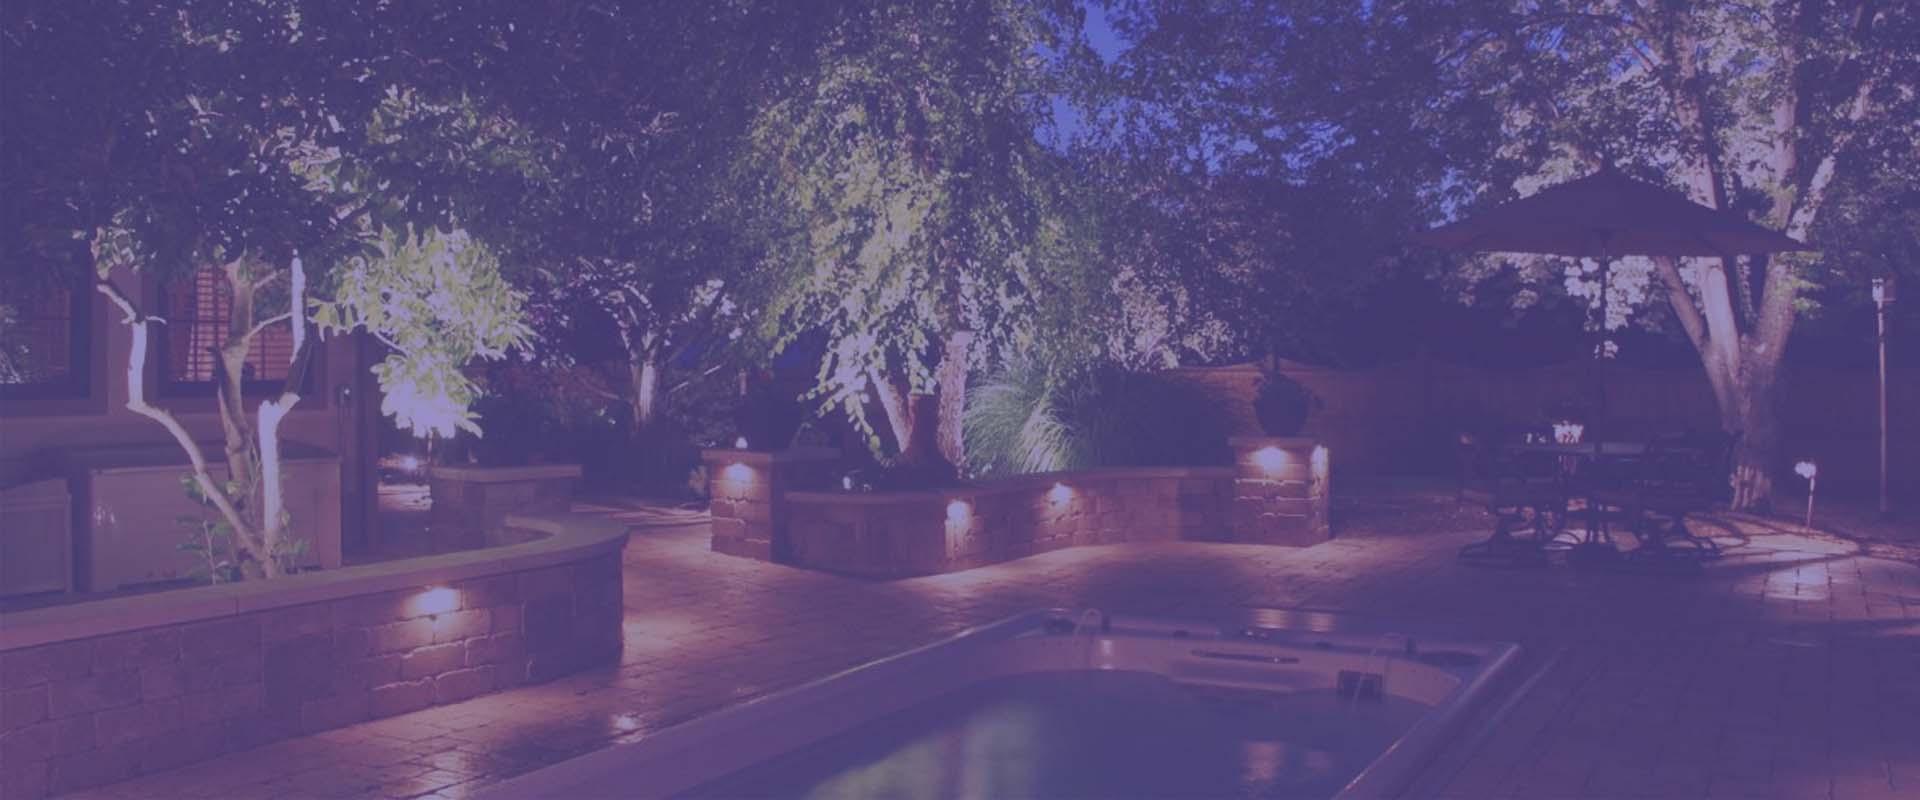 waterproof garden lights